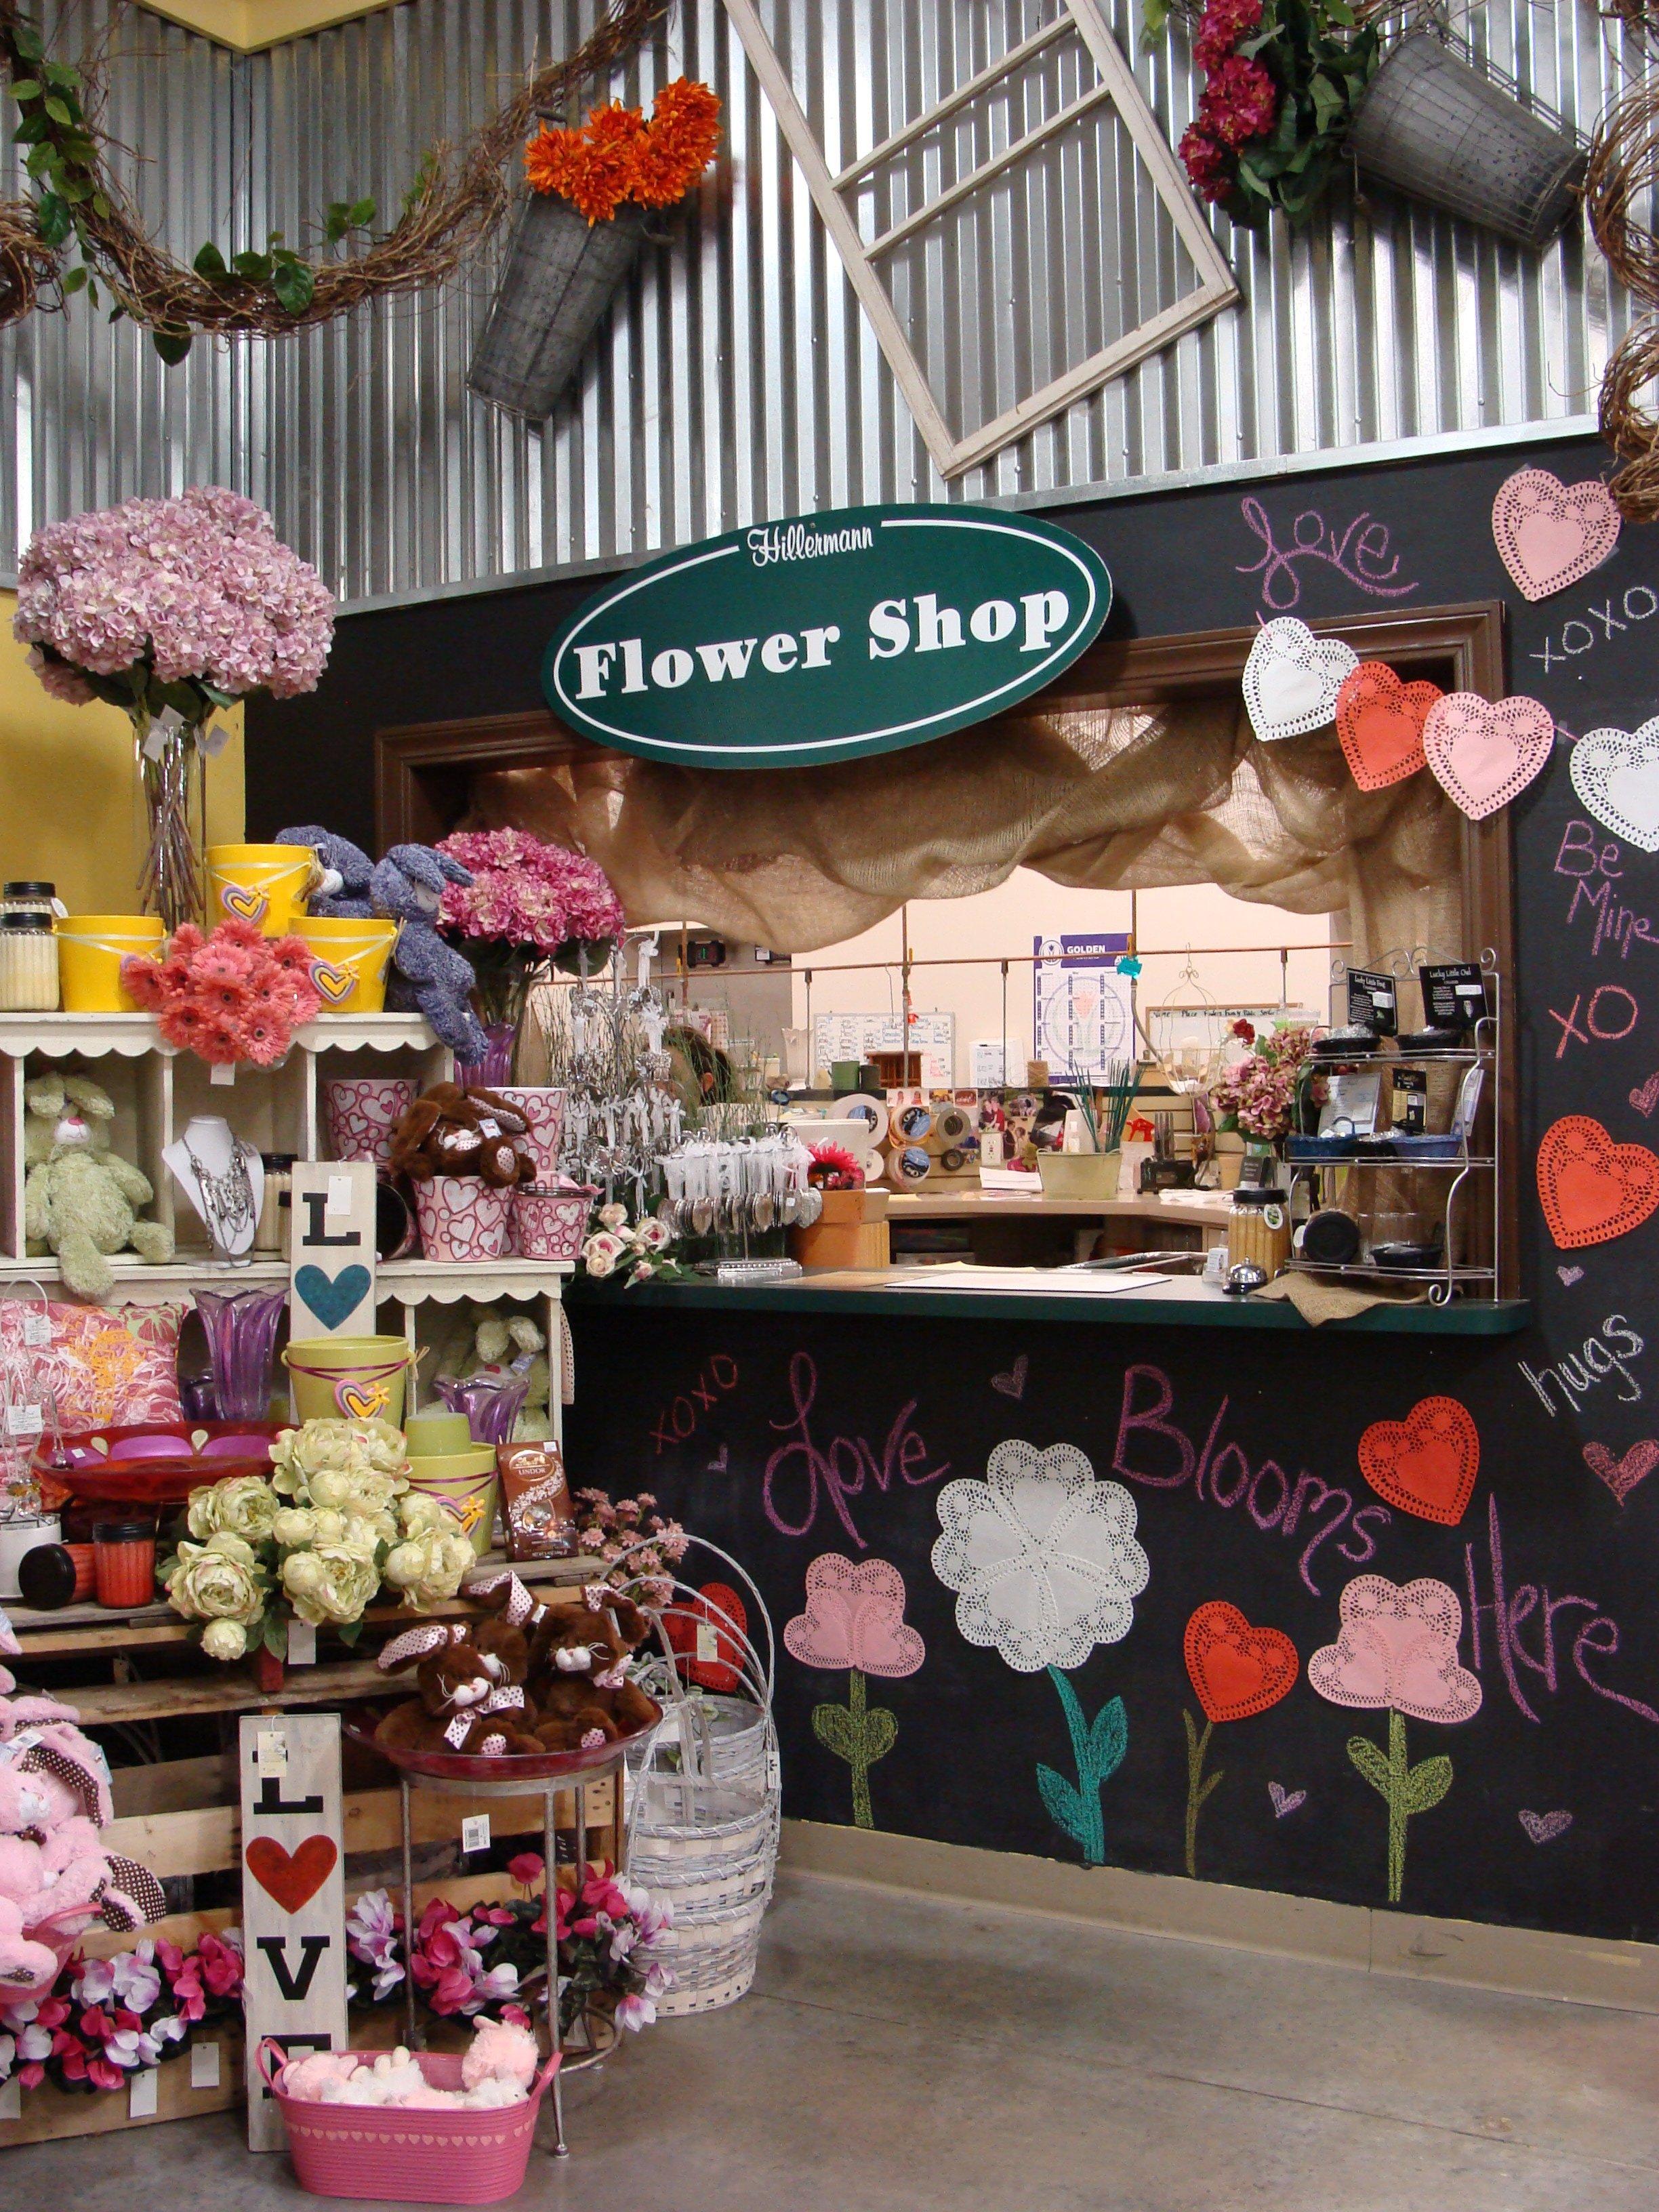 flowershopwindowval1-15.jpg